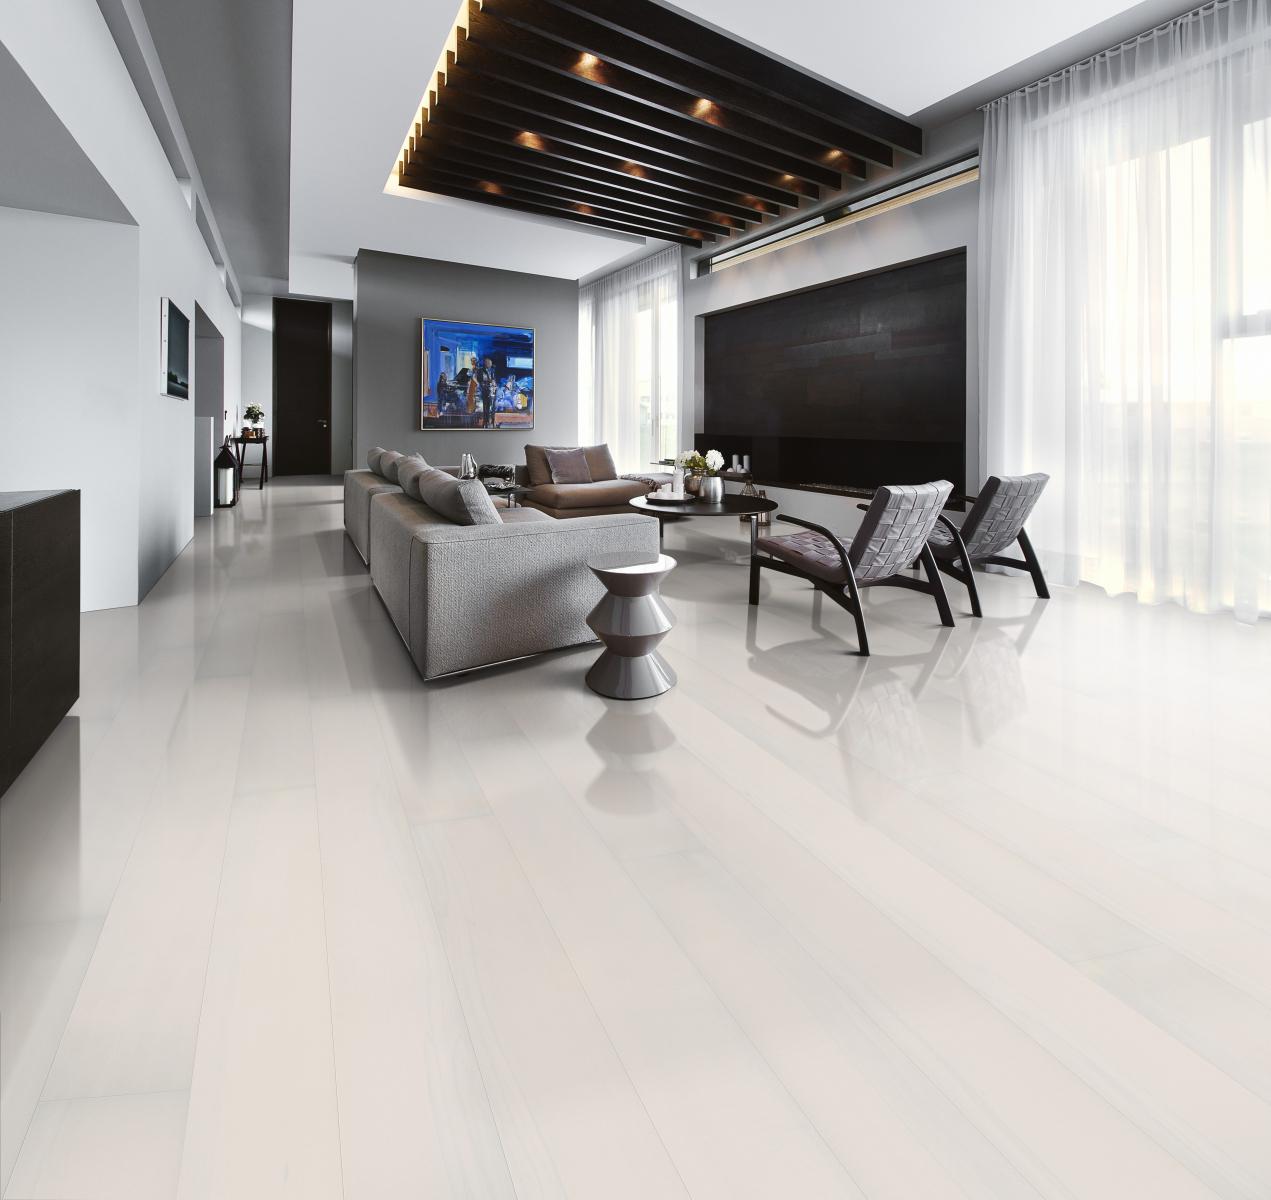 Podlaha v bílé barvě